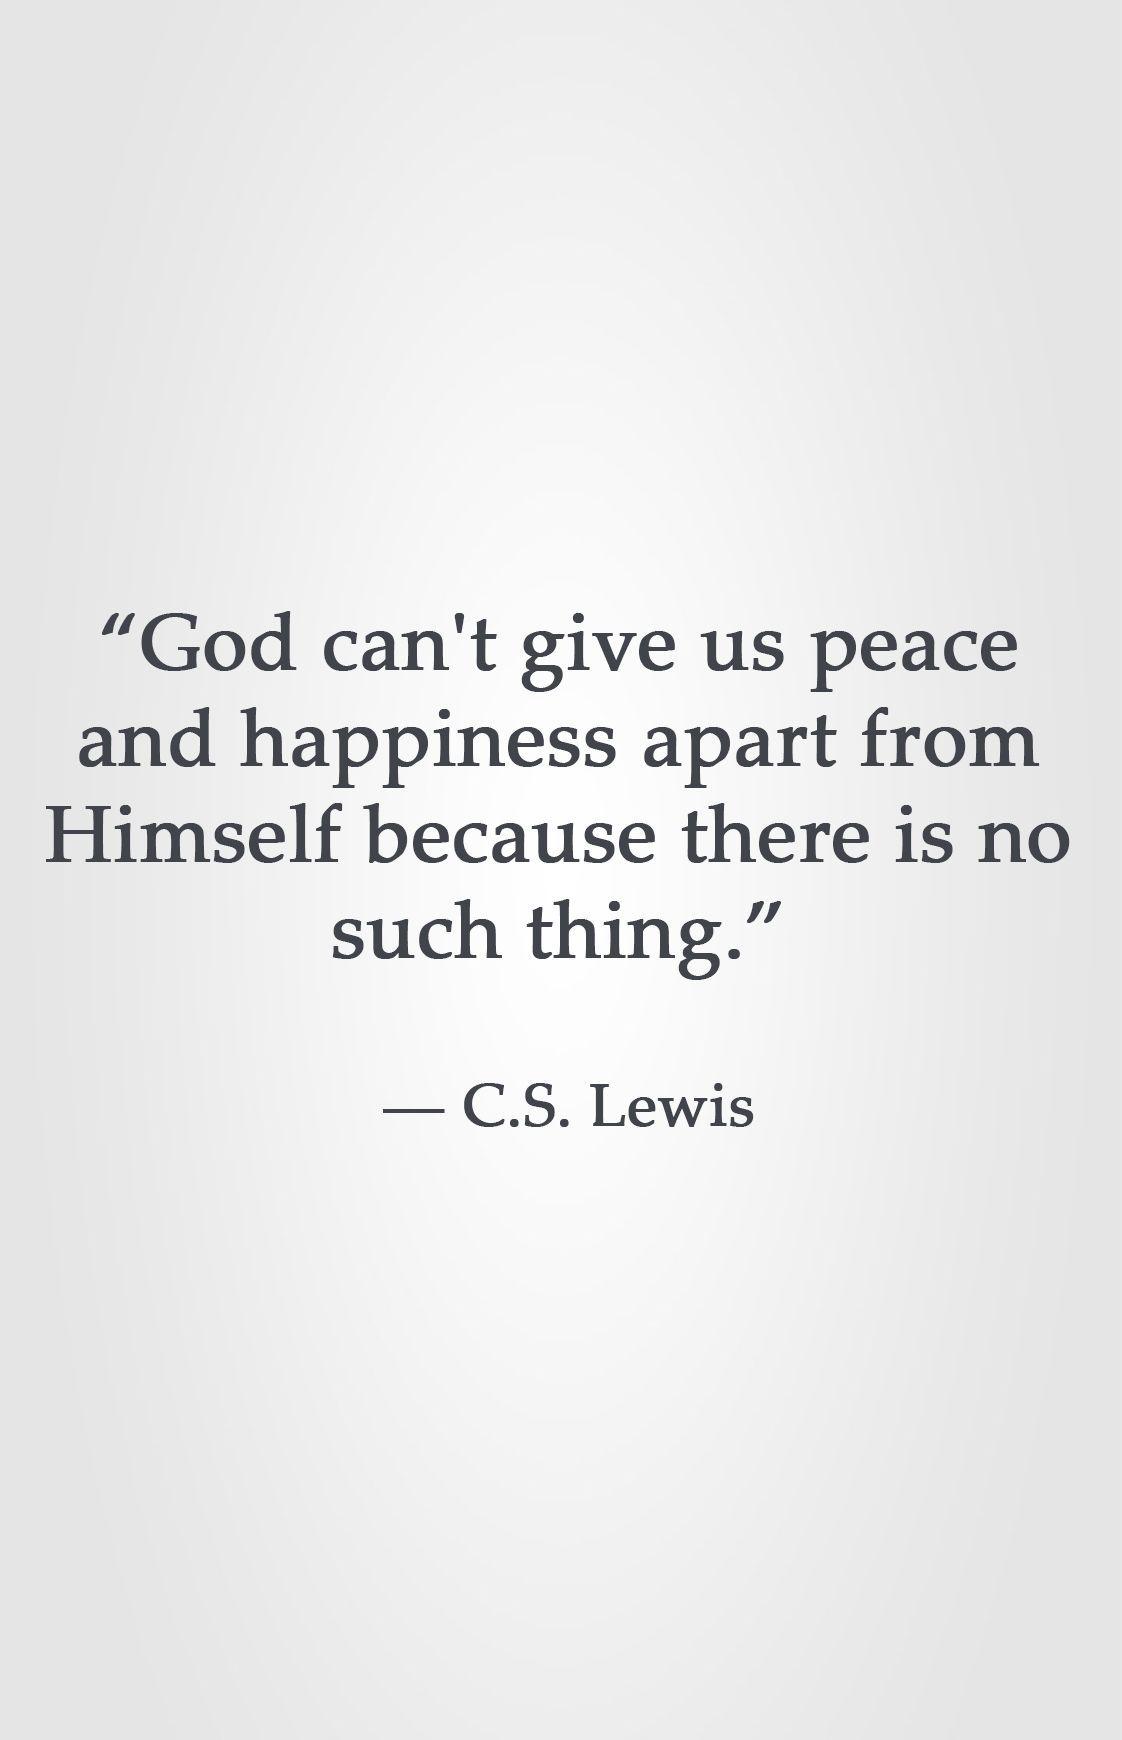 cs lewis quotes on joy